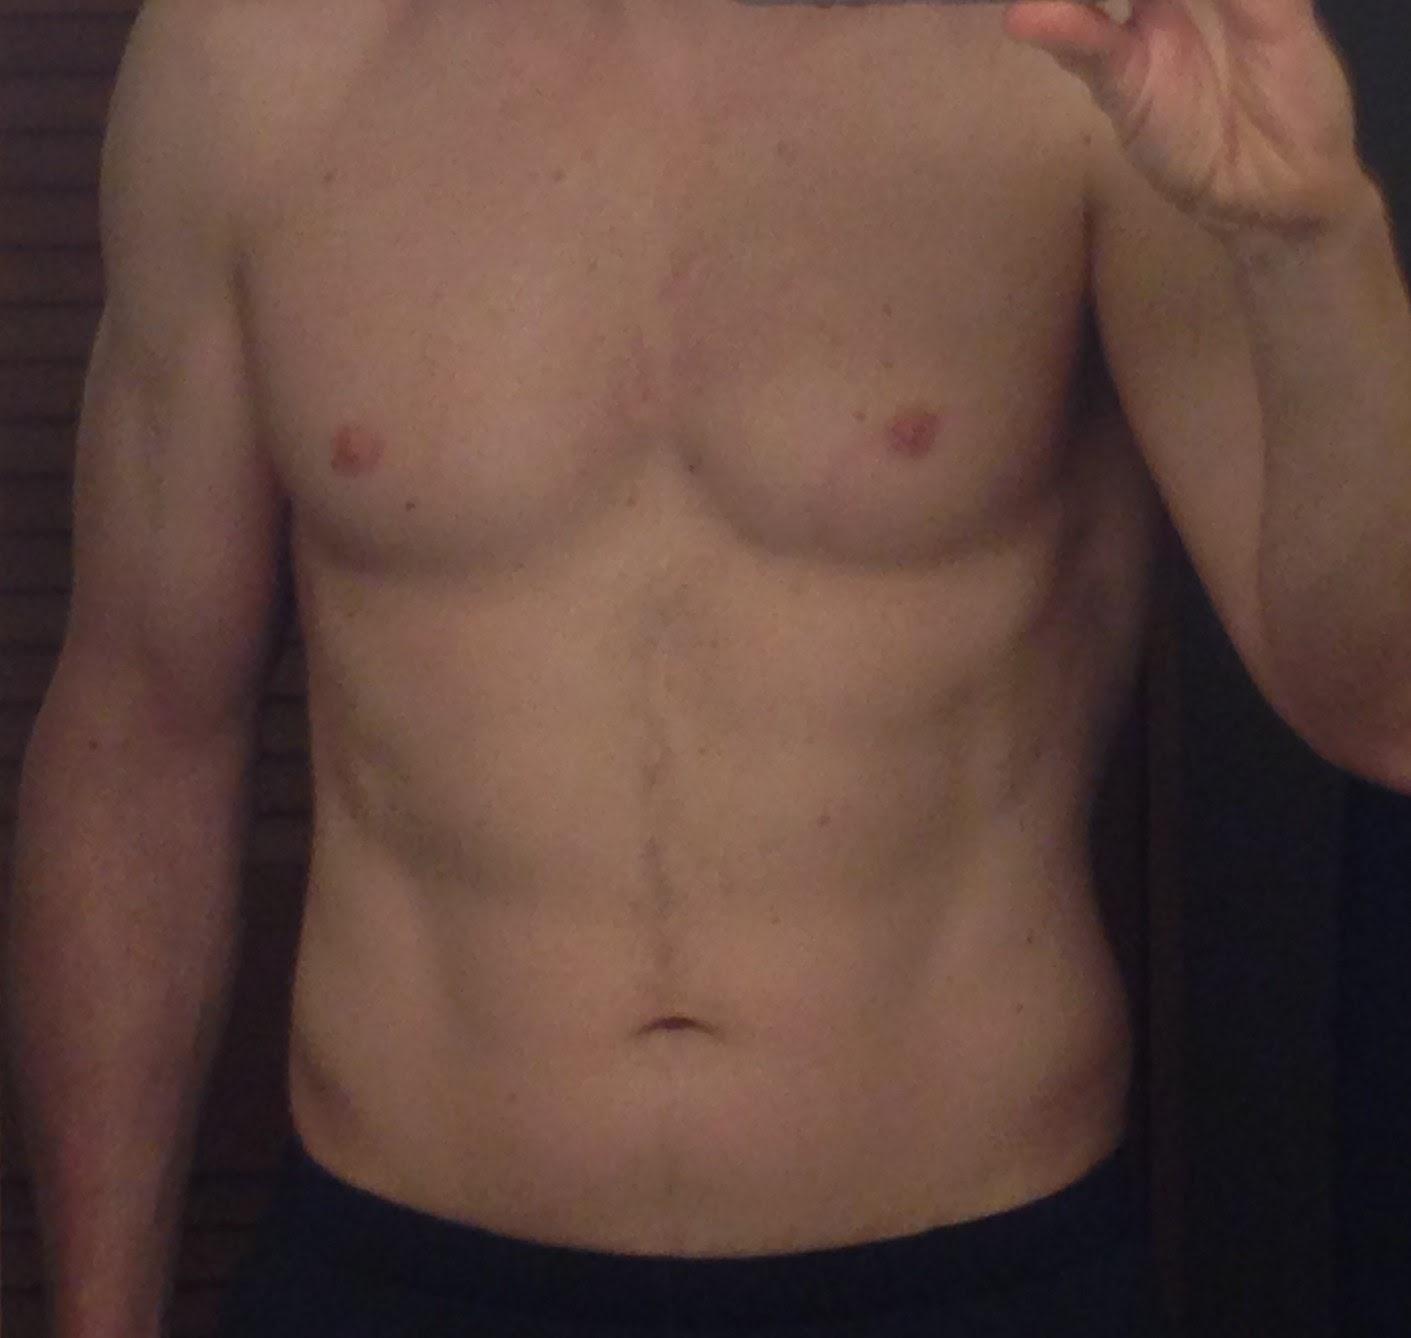 guy face no Shirtless selfie